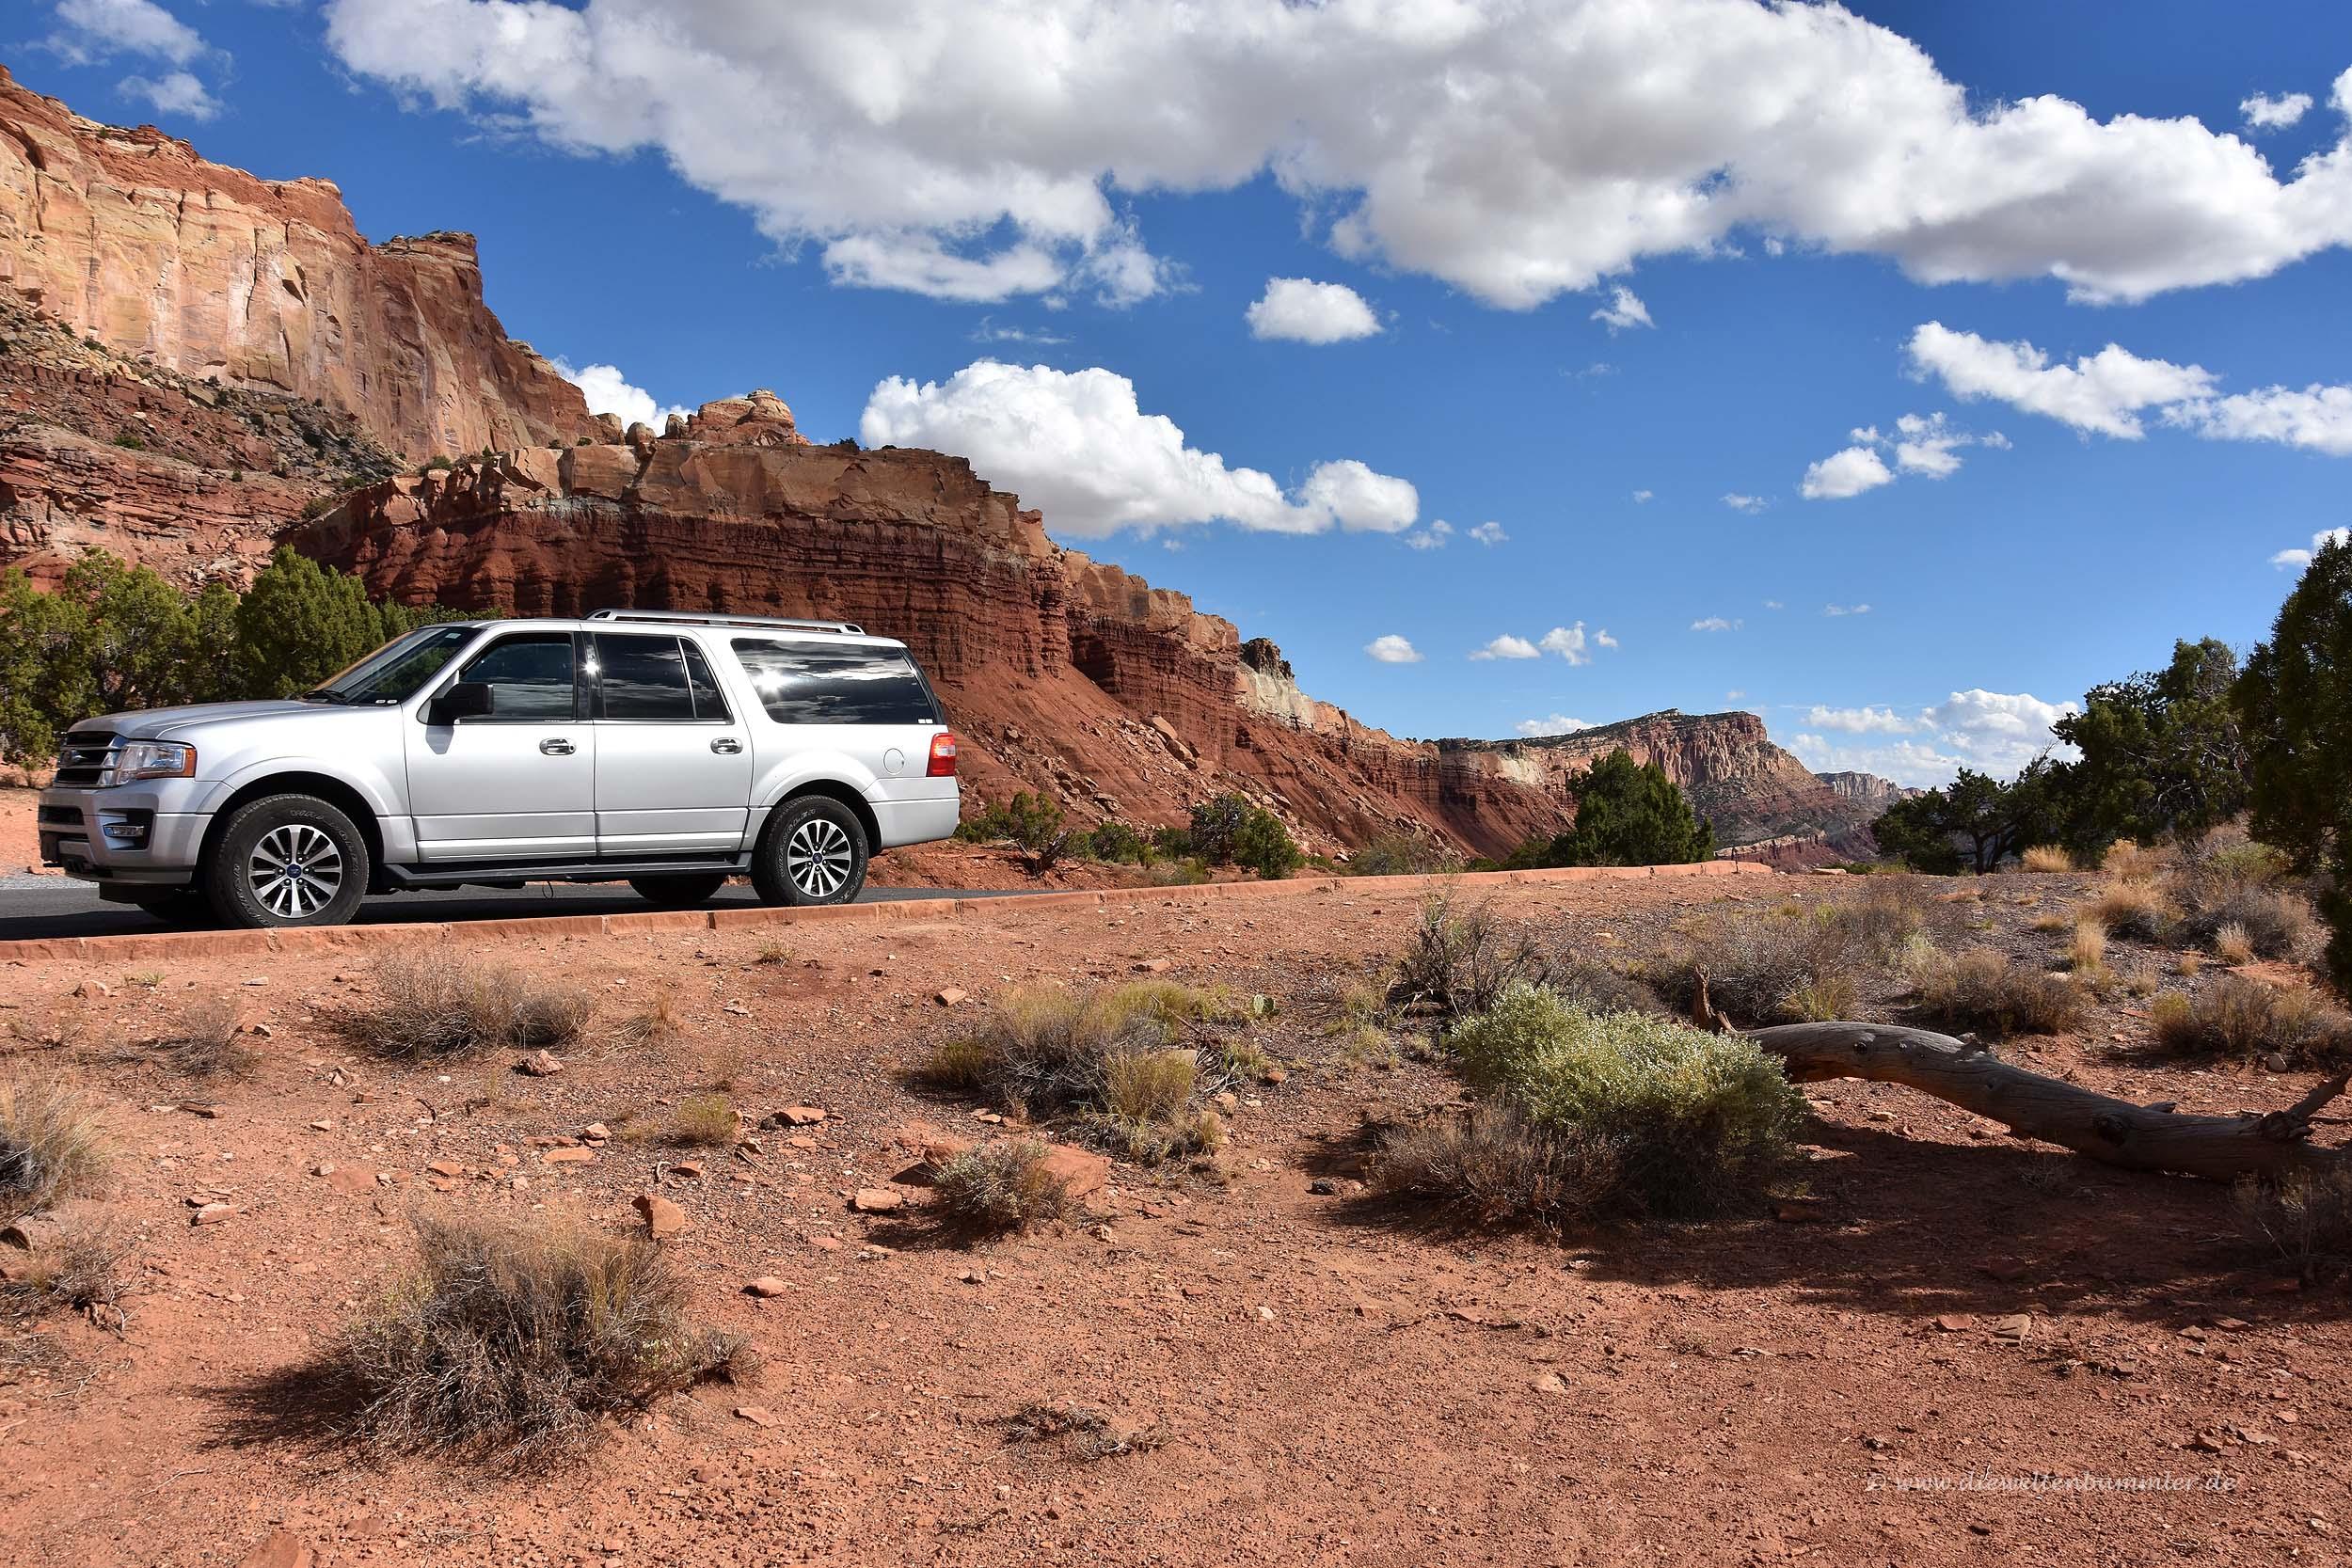 Mit dem Mietwagen in den Nationalpark